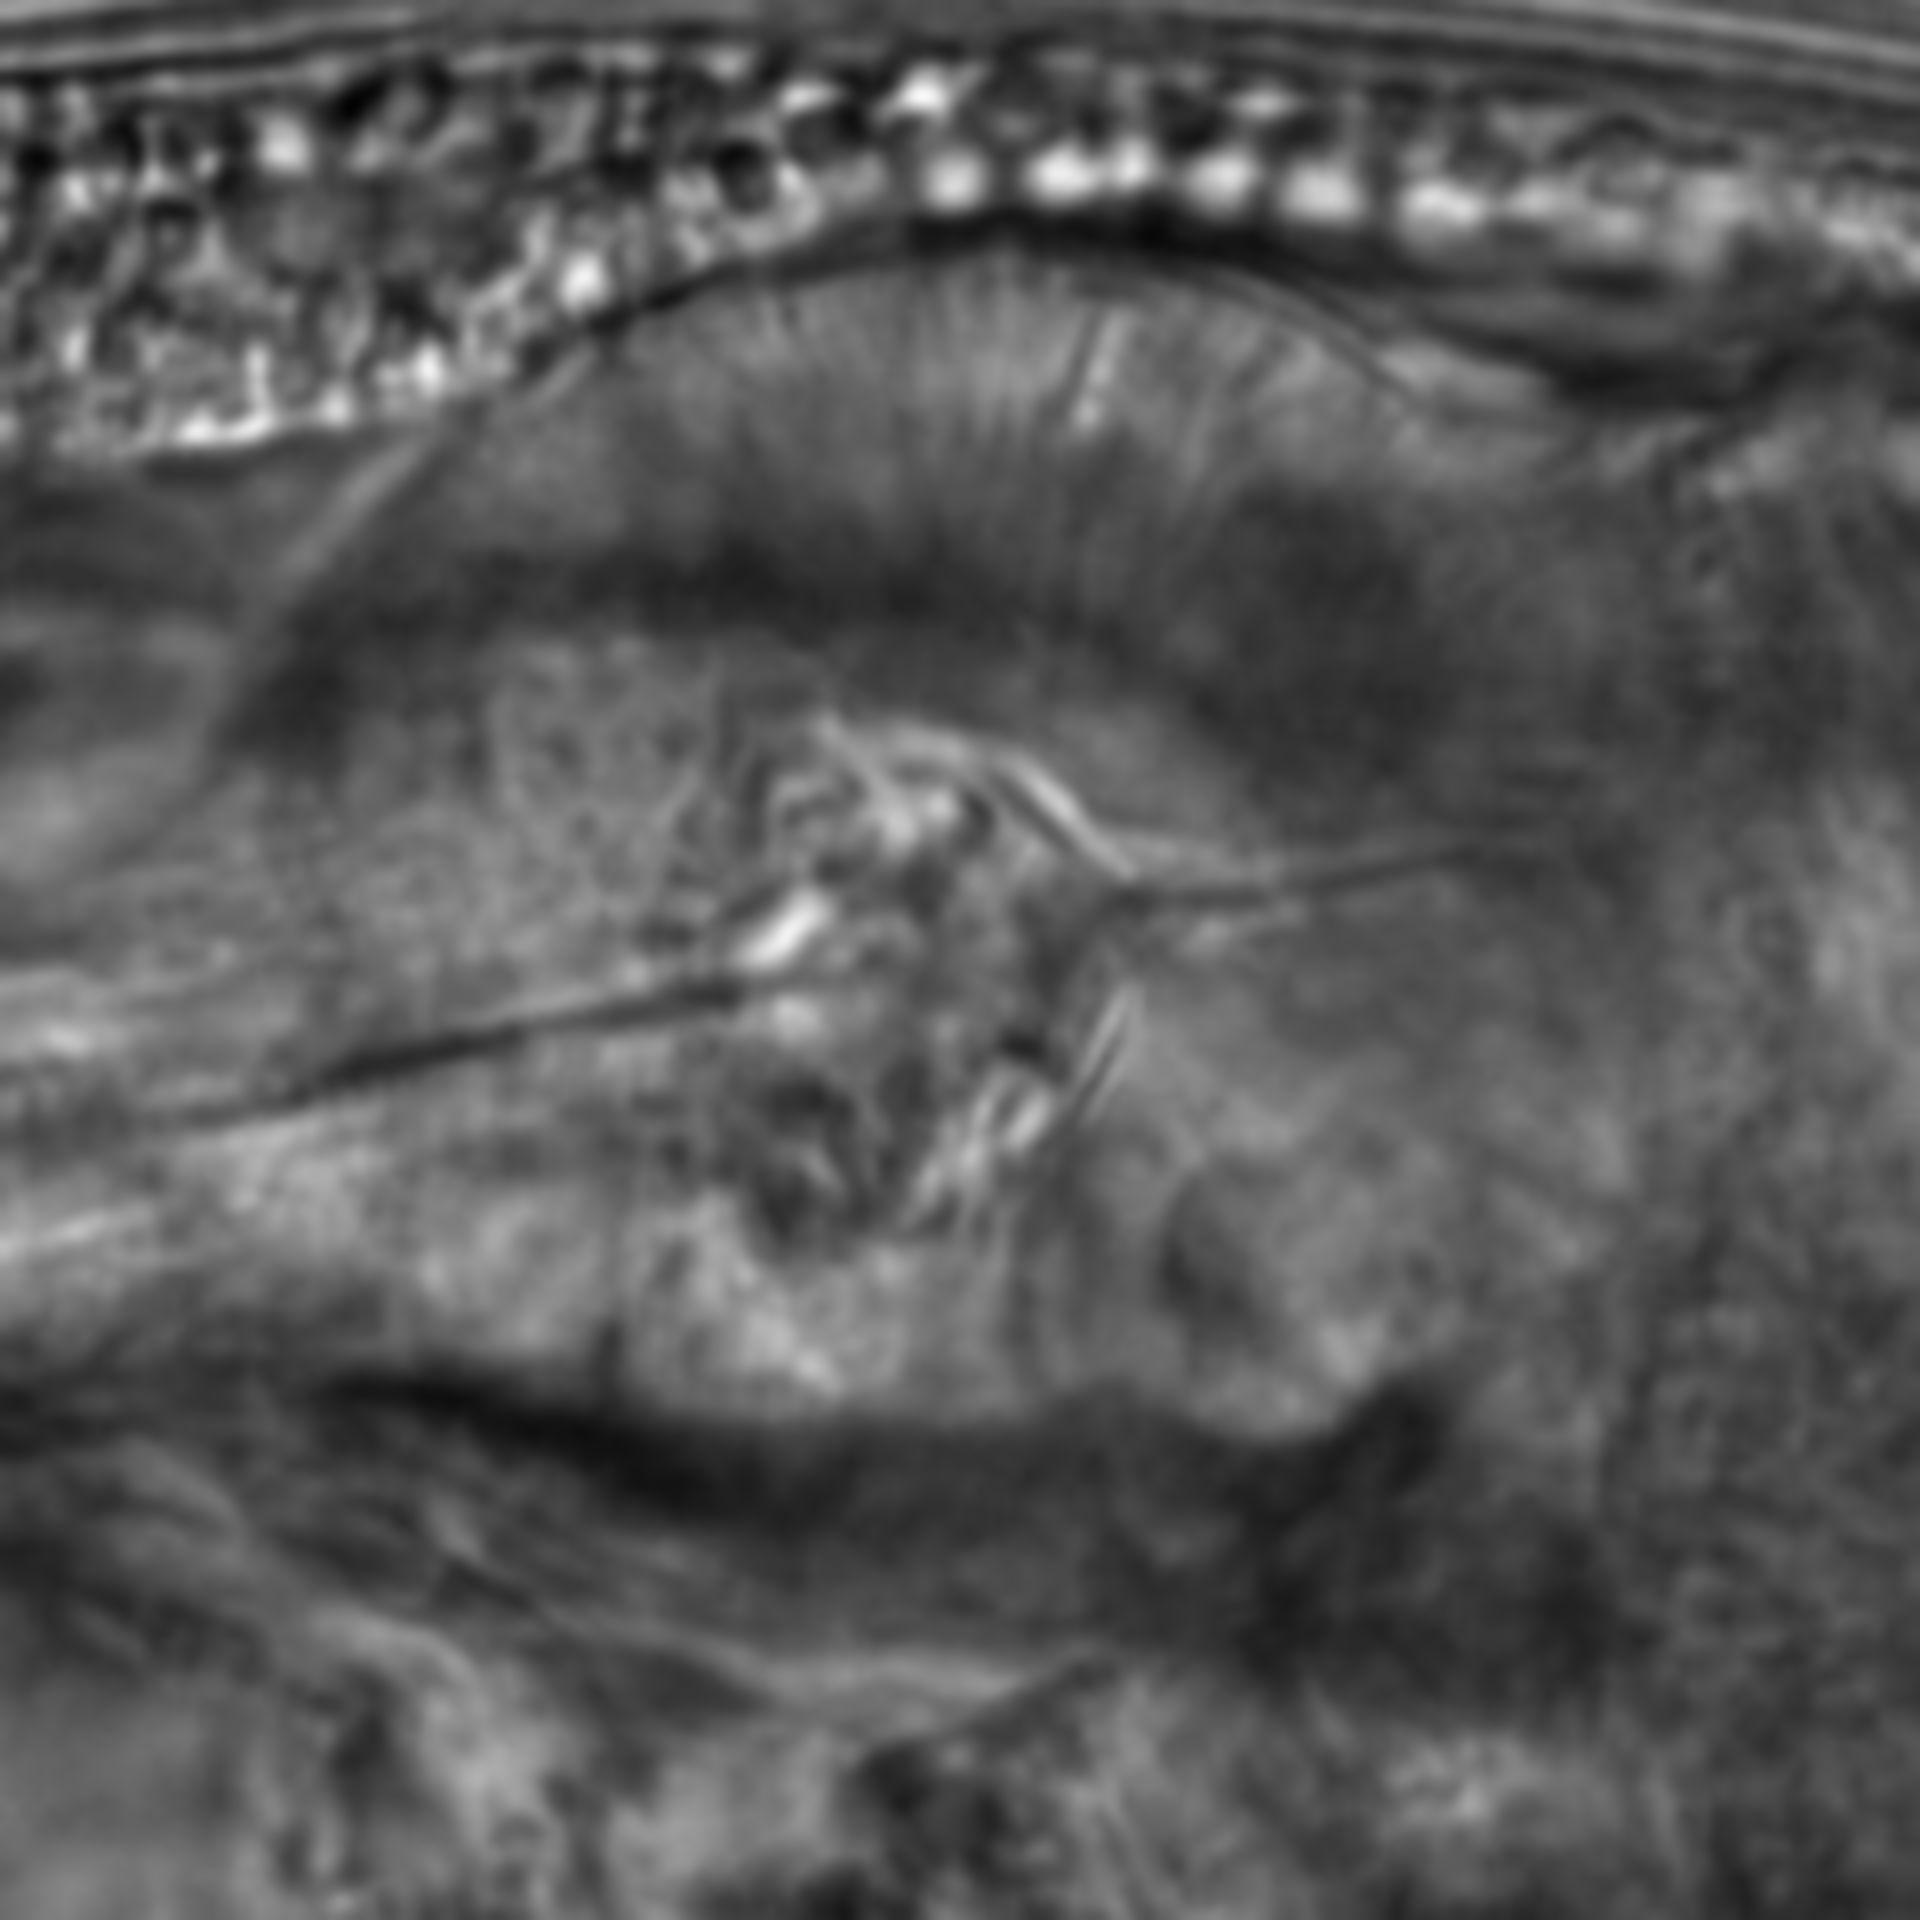 Caenorhabditis elegans - CIL:1918